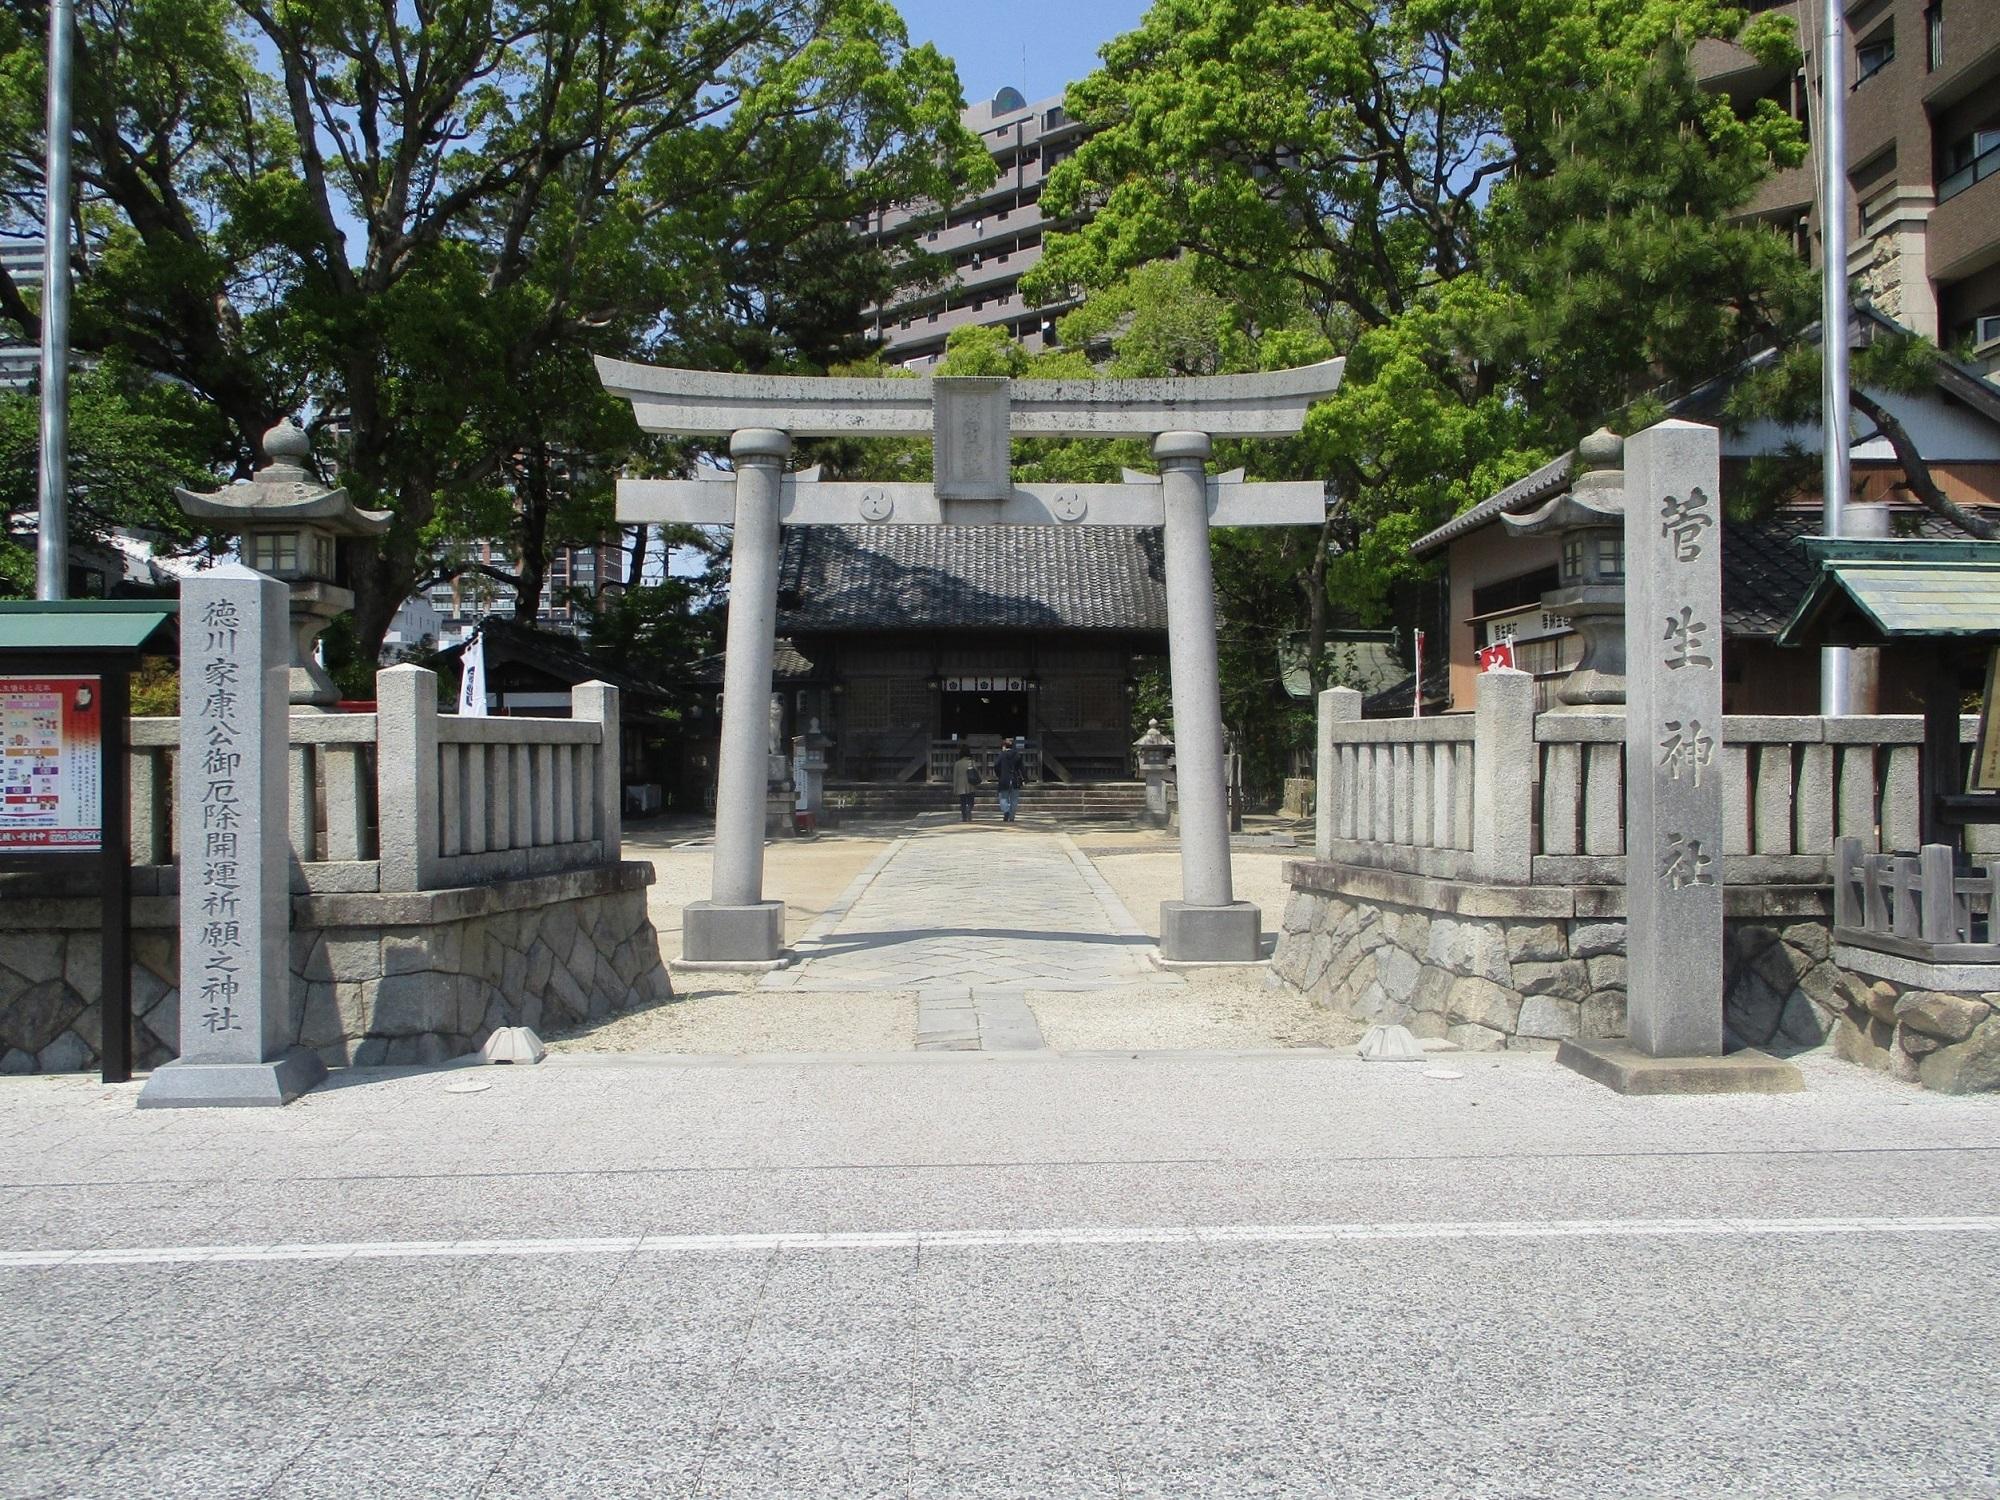 2020.4.29 (6) 菅生神社 - とりい 2000-1500